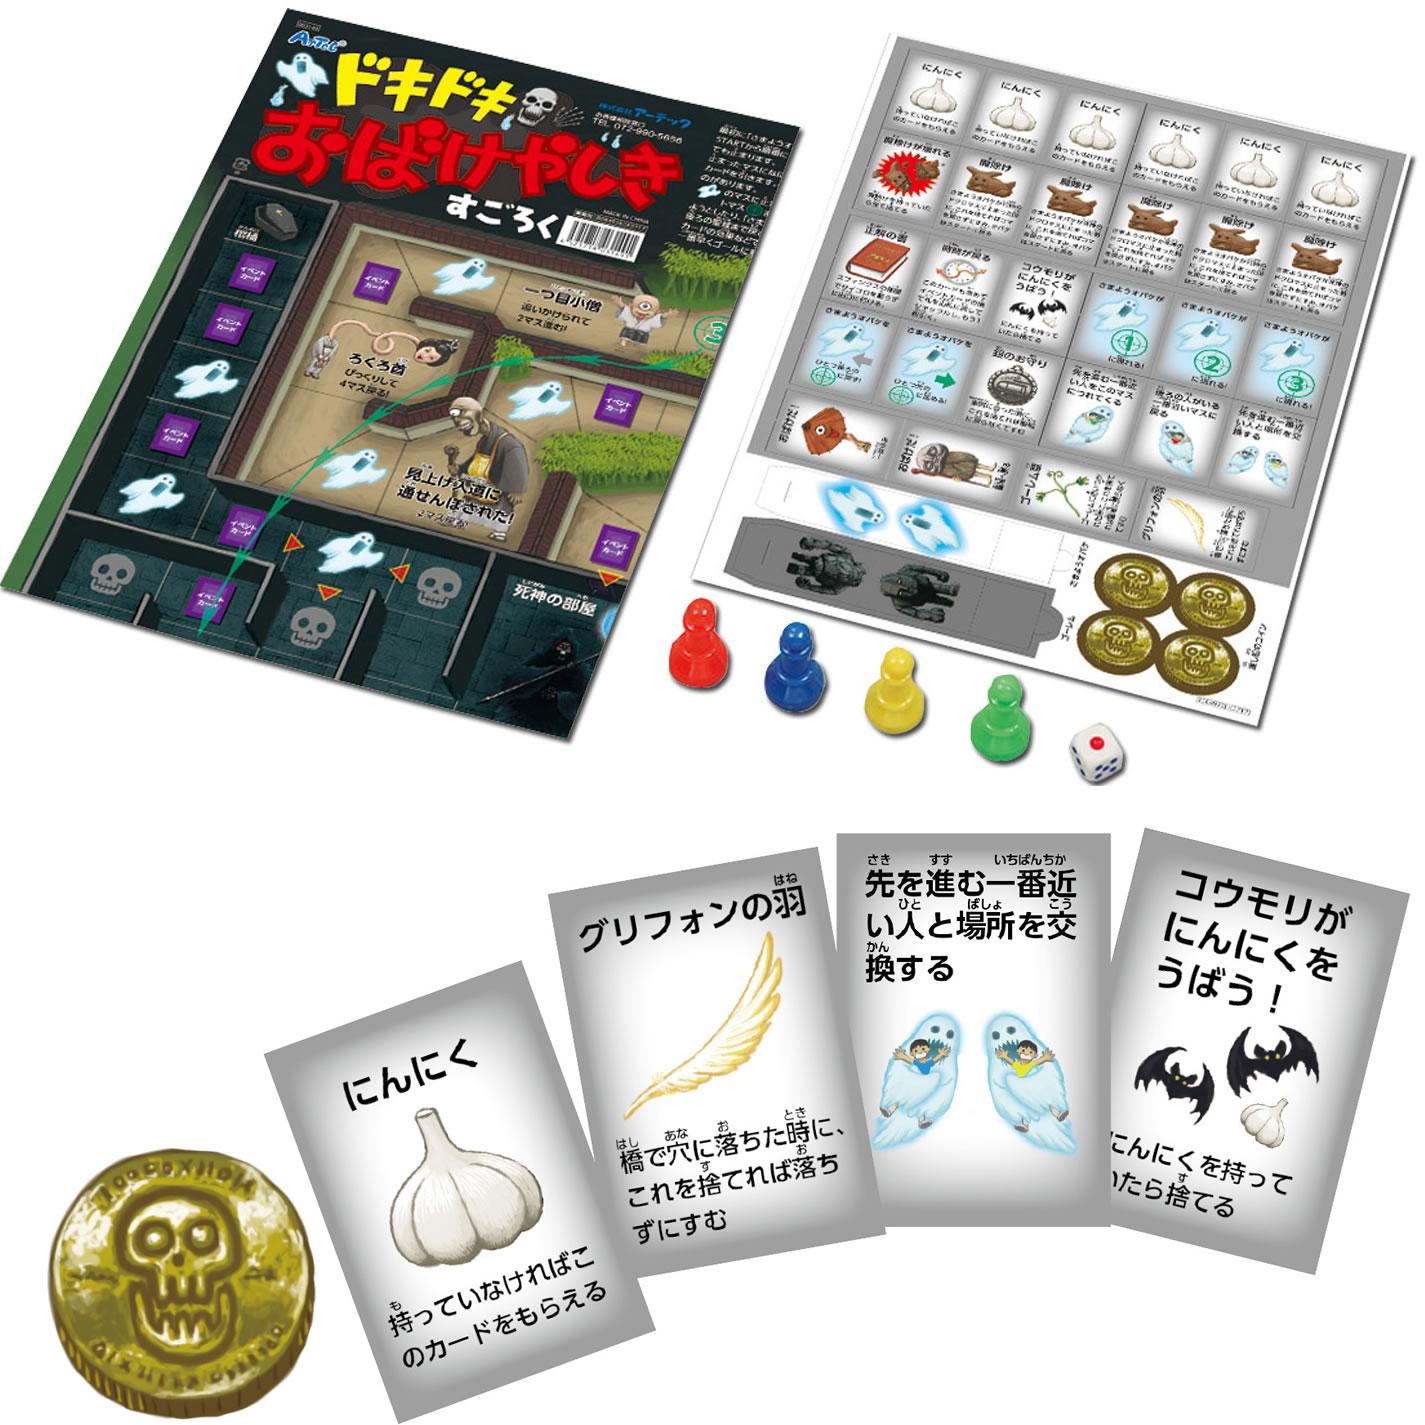 すごろく ドキドキおばけやしきすごろく お化け屋敷 幼児 子供 小学生 室内 教材 家遊び 家で遊ぶ ボードゲーム ゲーム 知育玩具 おもちゃ カードゲーム